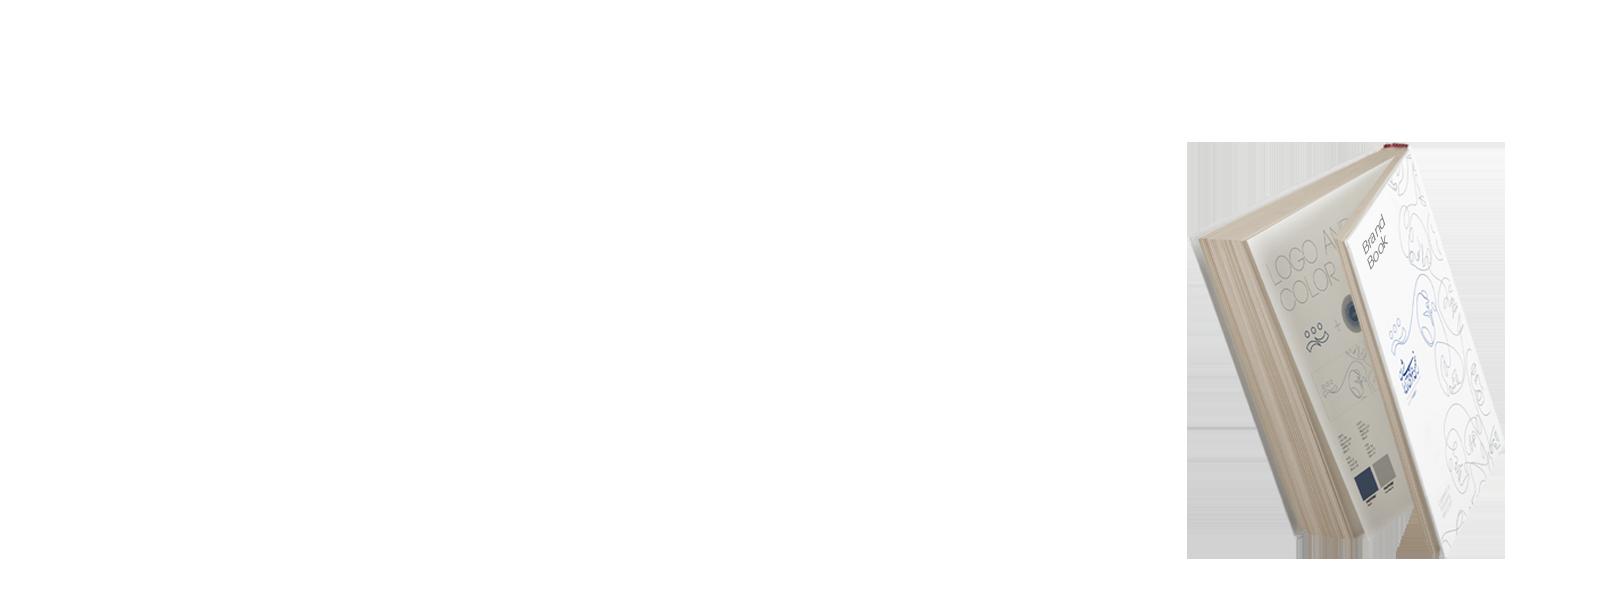 لایه دوم اسلایدر انجمن هنرهای نمایشی ، هویت بصری انجمن هنرهای نمایشی ، هویت بصری ، طراحی لوگو ، طراحی لوگوتایپ ، شرکت تبلیغاتی الف ، طراحی هویت بصری